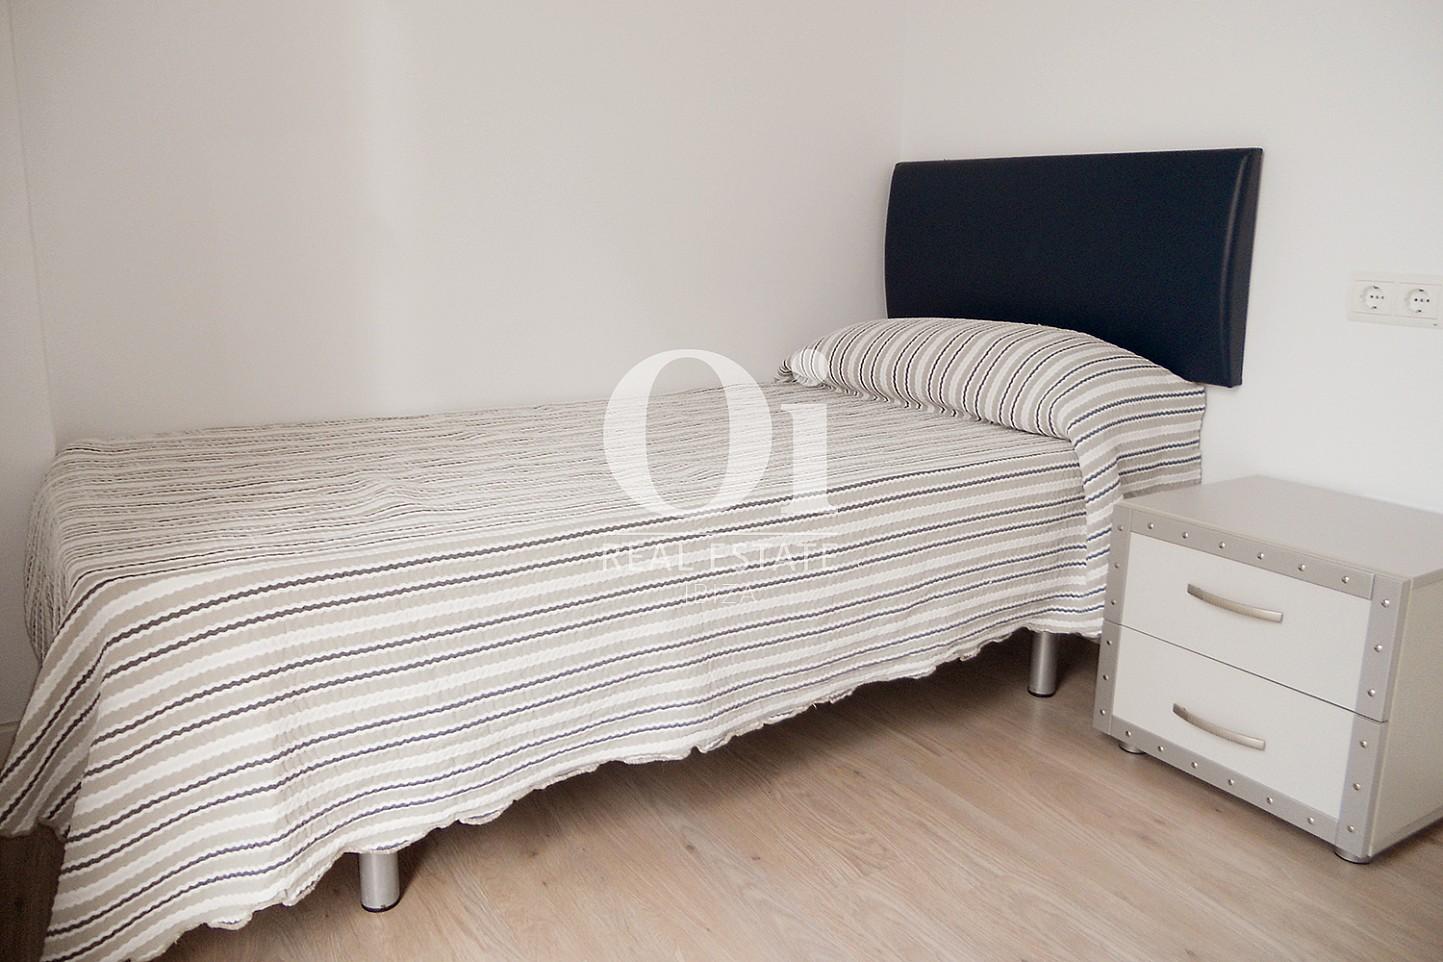 Habitación simple de piso en venta en Cala Gració, zona de Sant Antoni, Ibiza